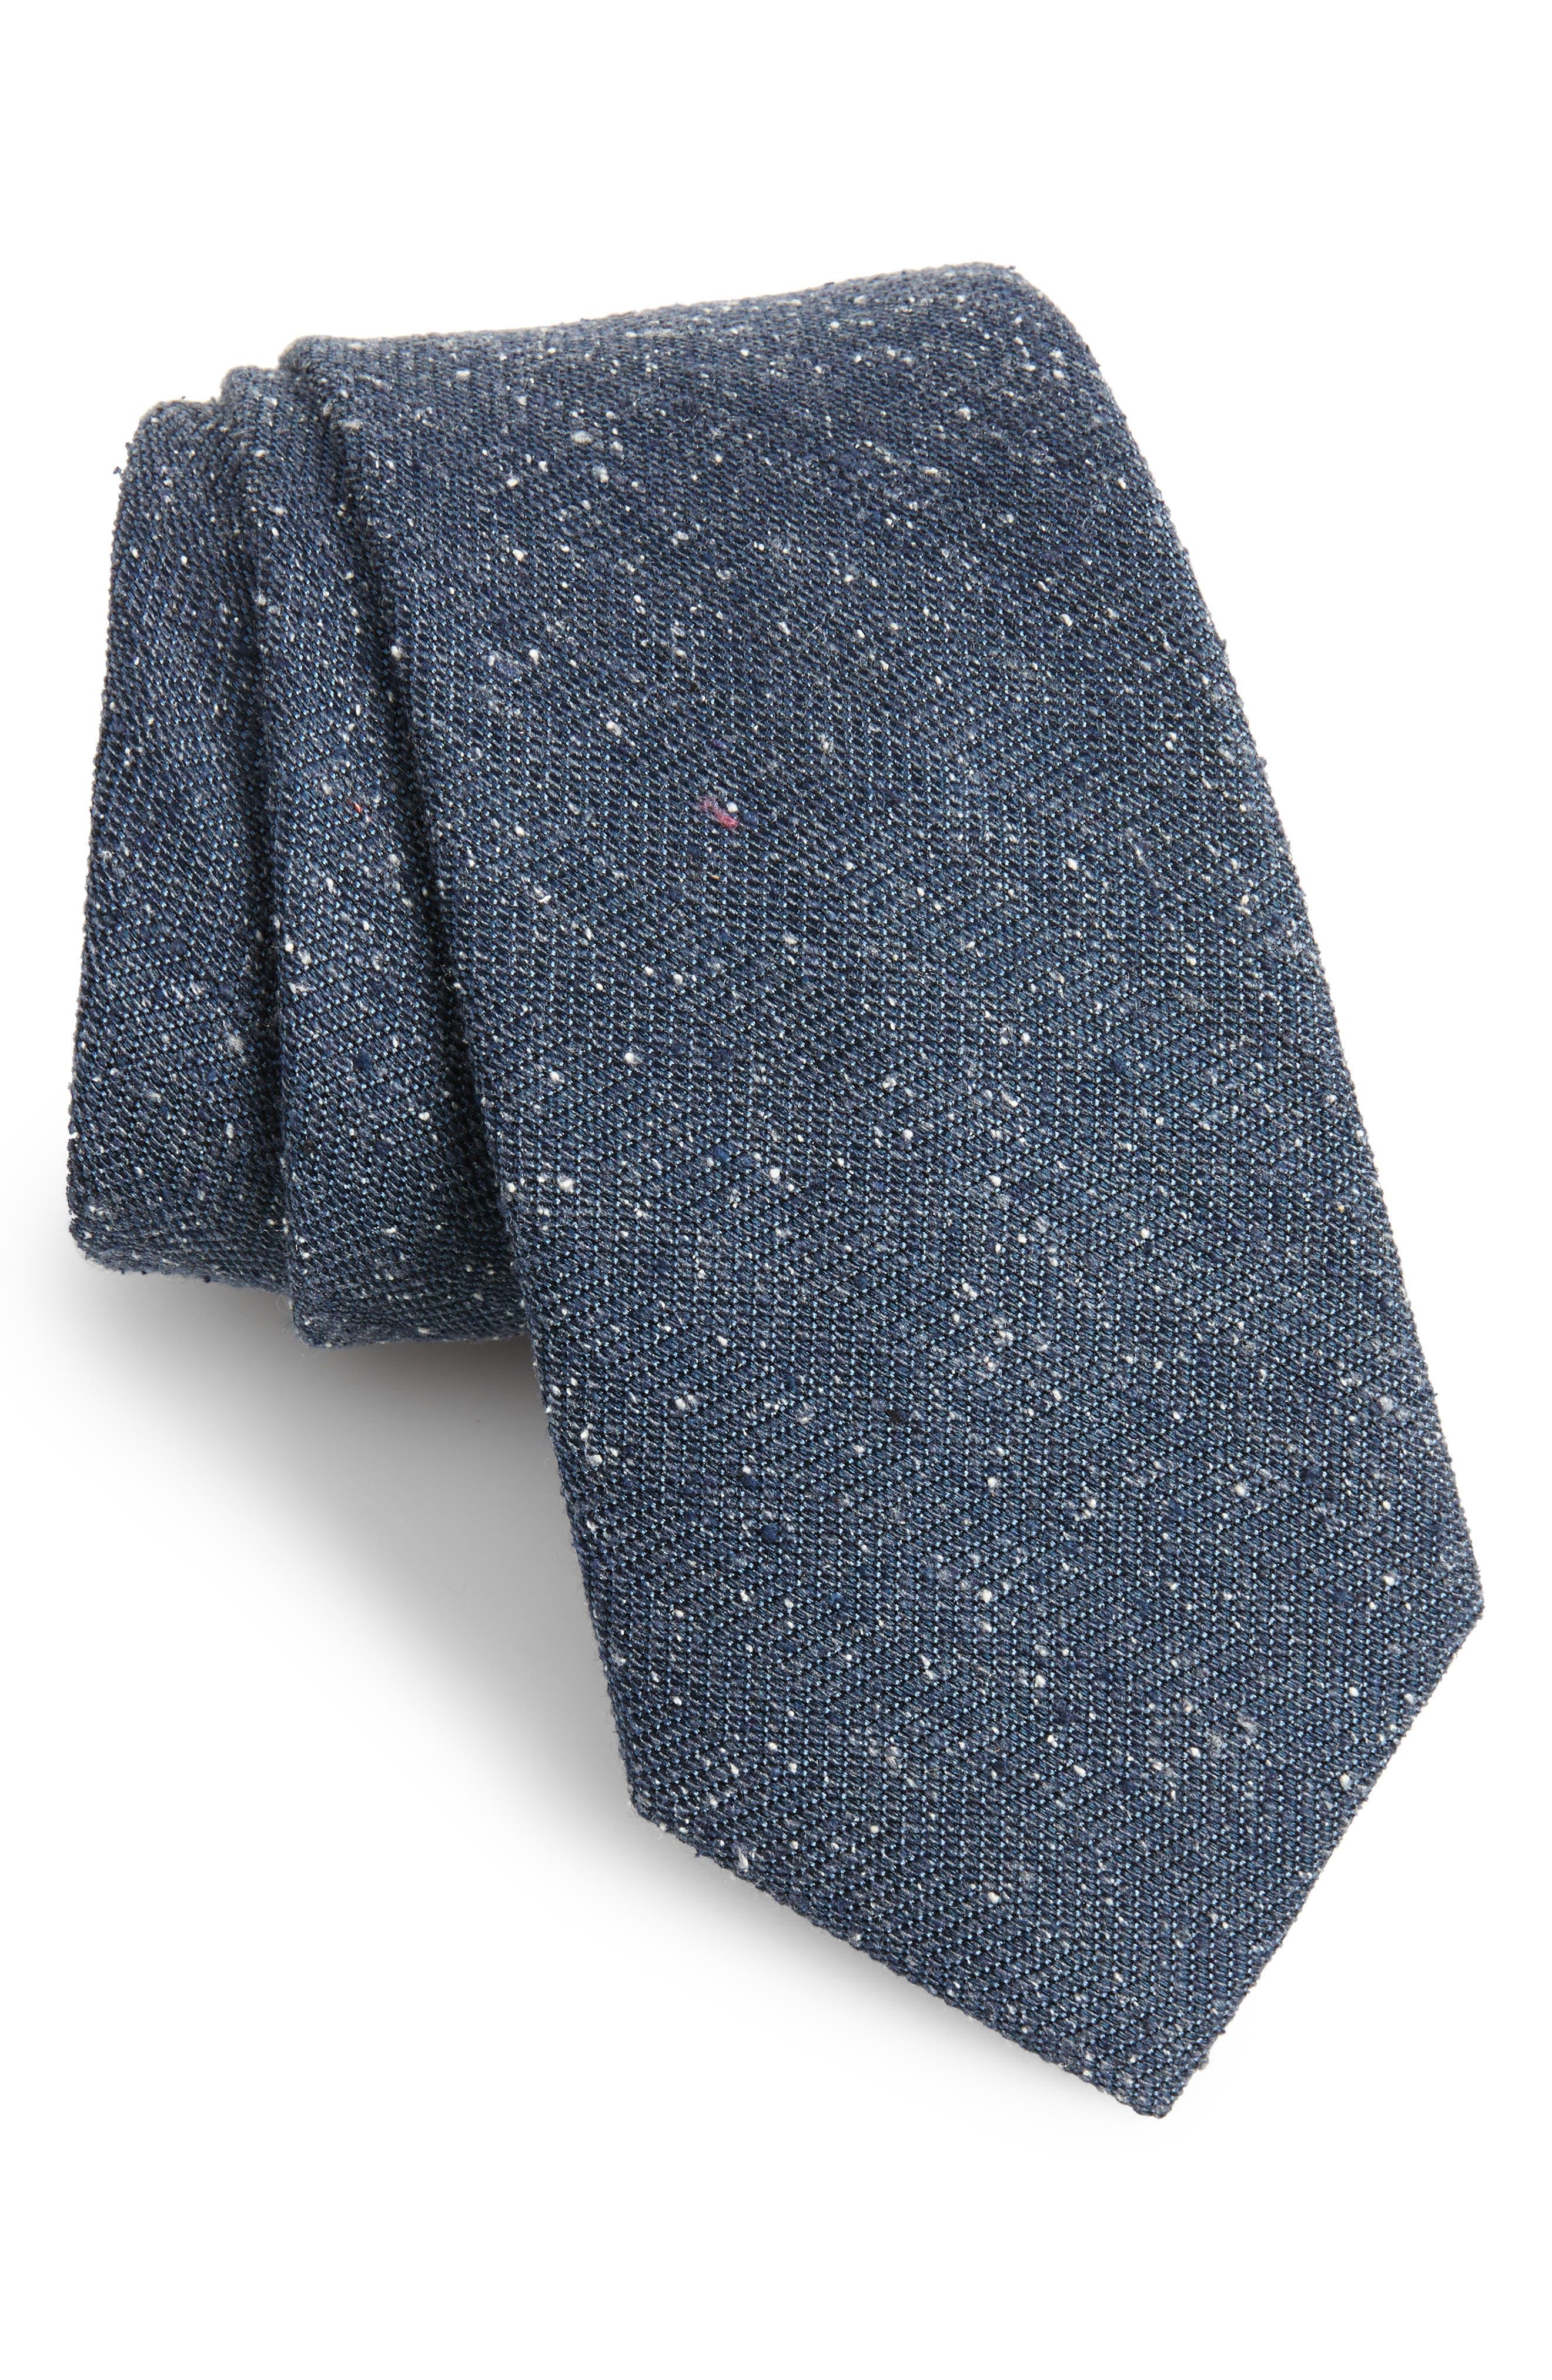 Herringbone Silk Tie,                             Main thumbnail 1, color,                             410